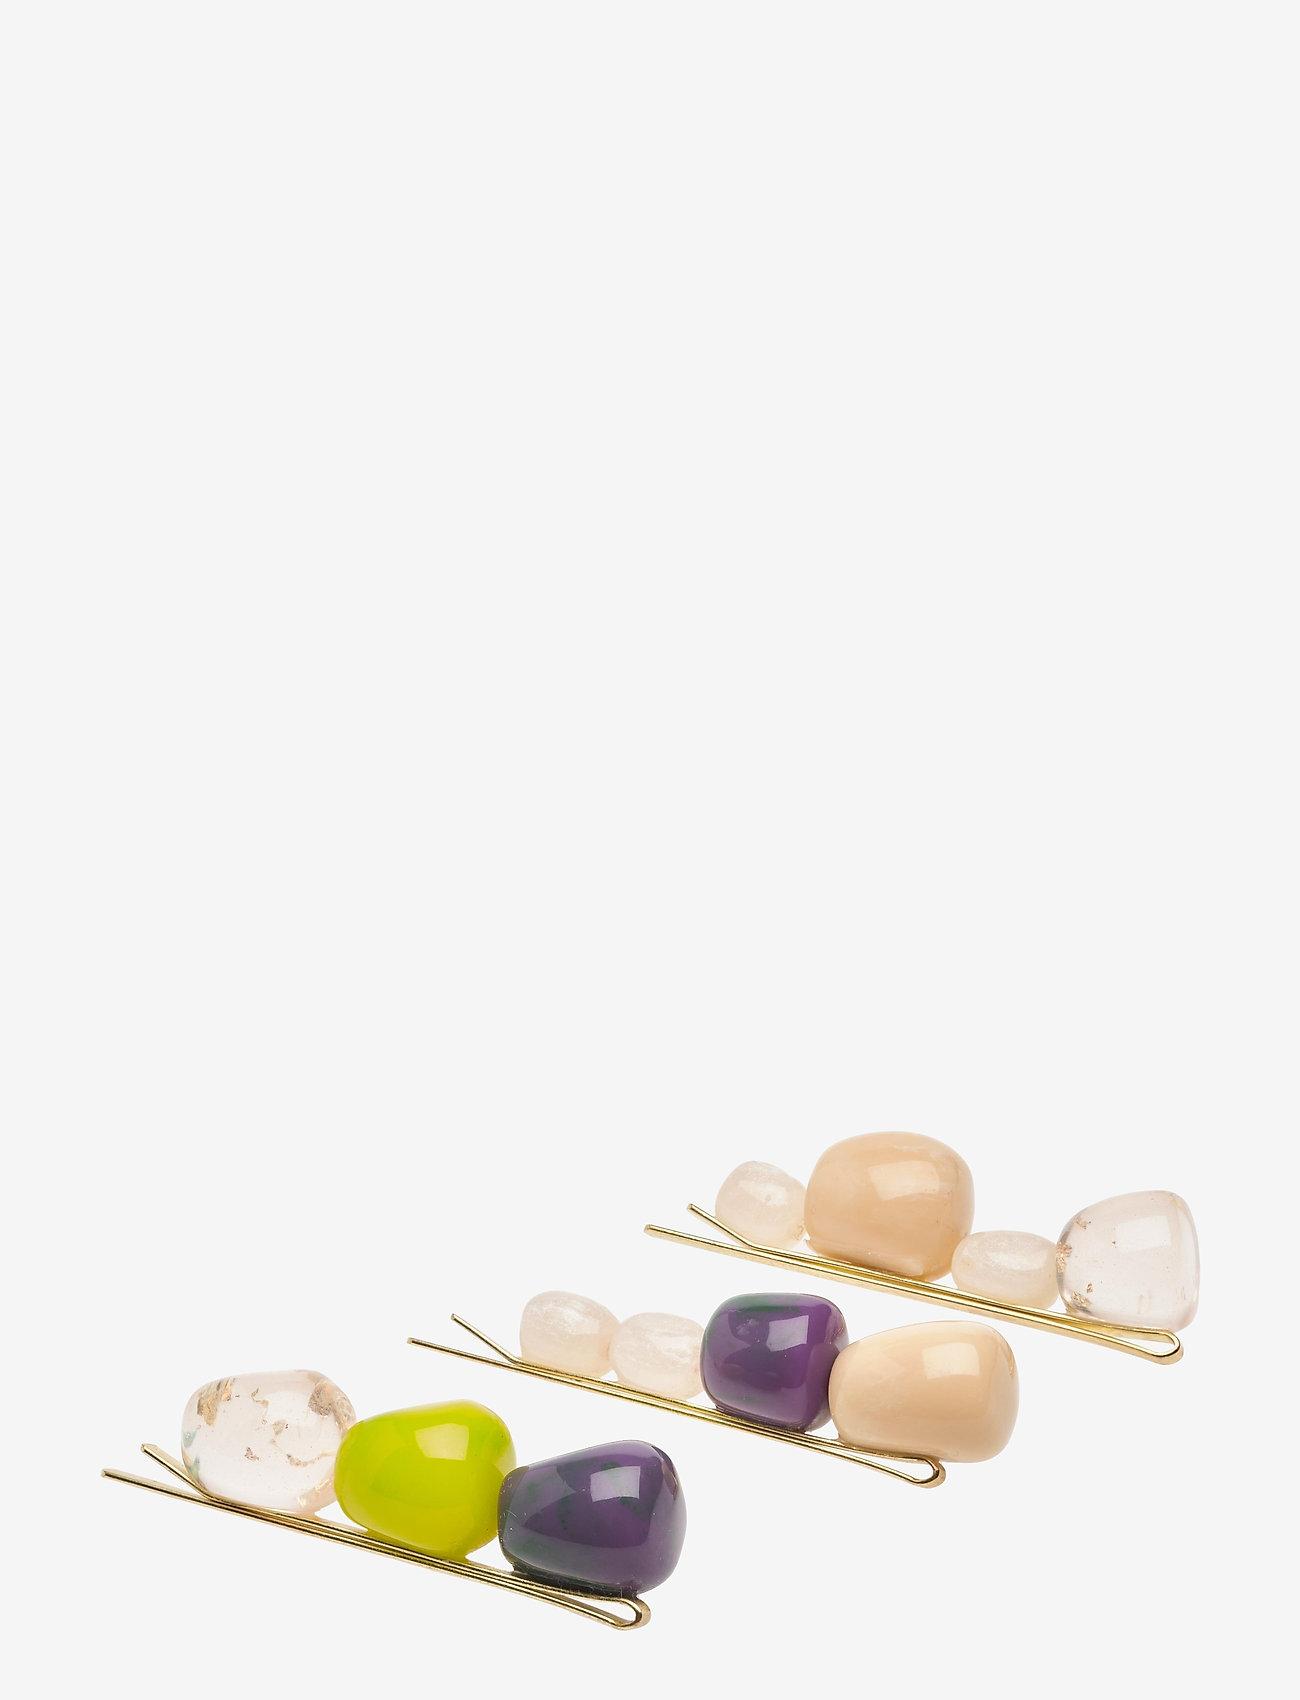 STINE GOYA - Ania 1135 Jewelry - accessoarer - lime - 2